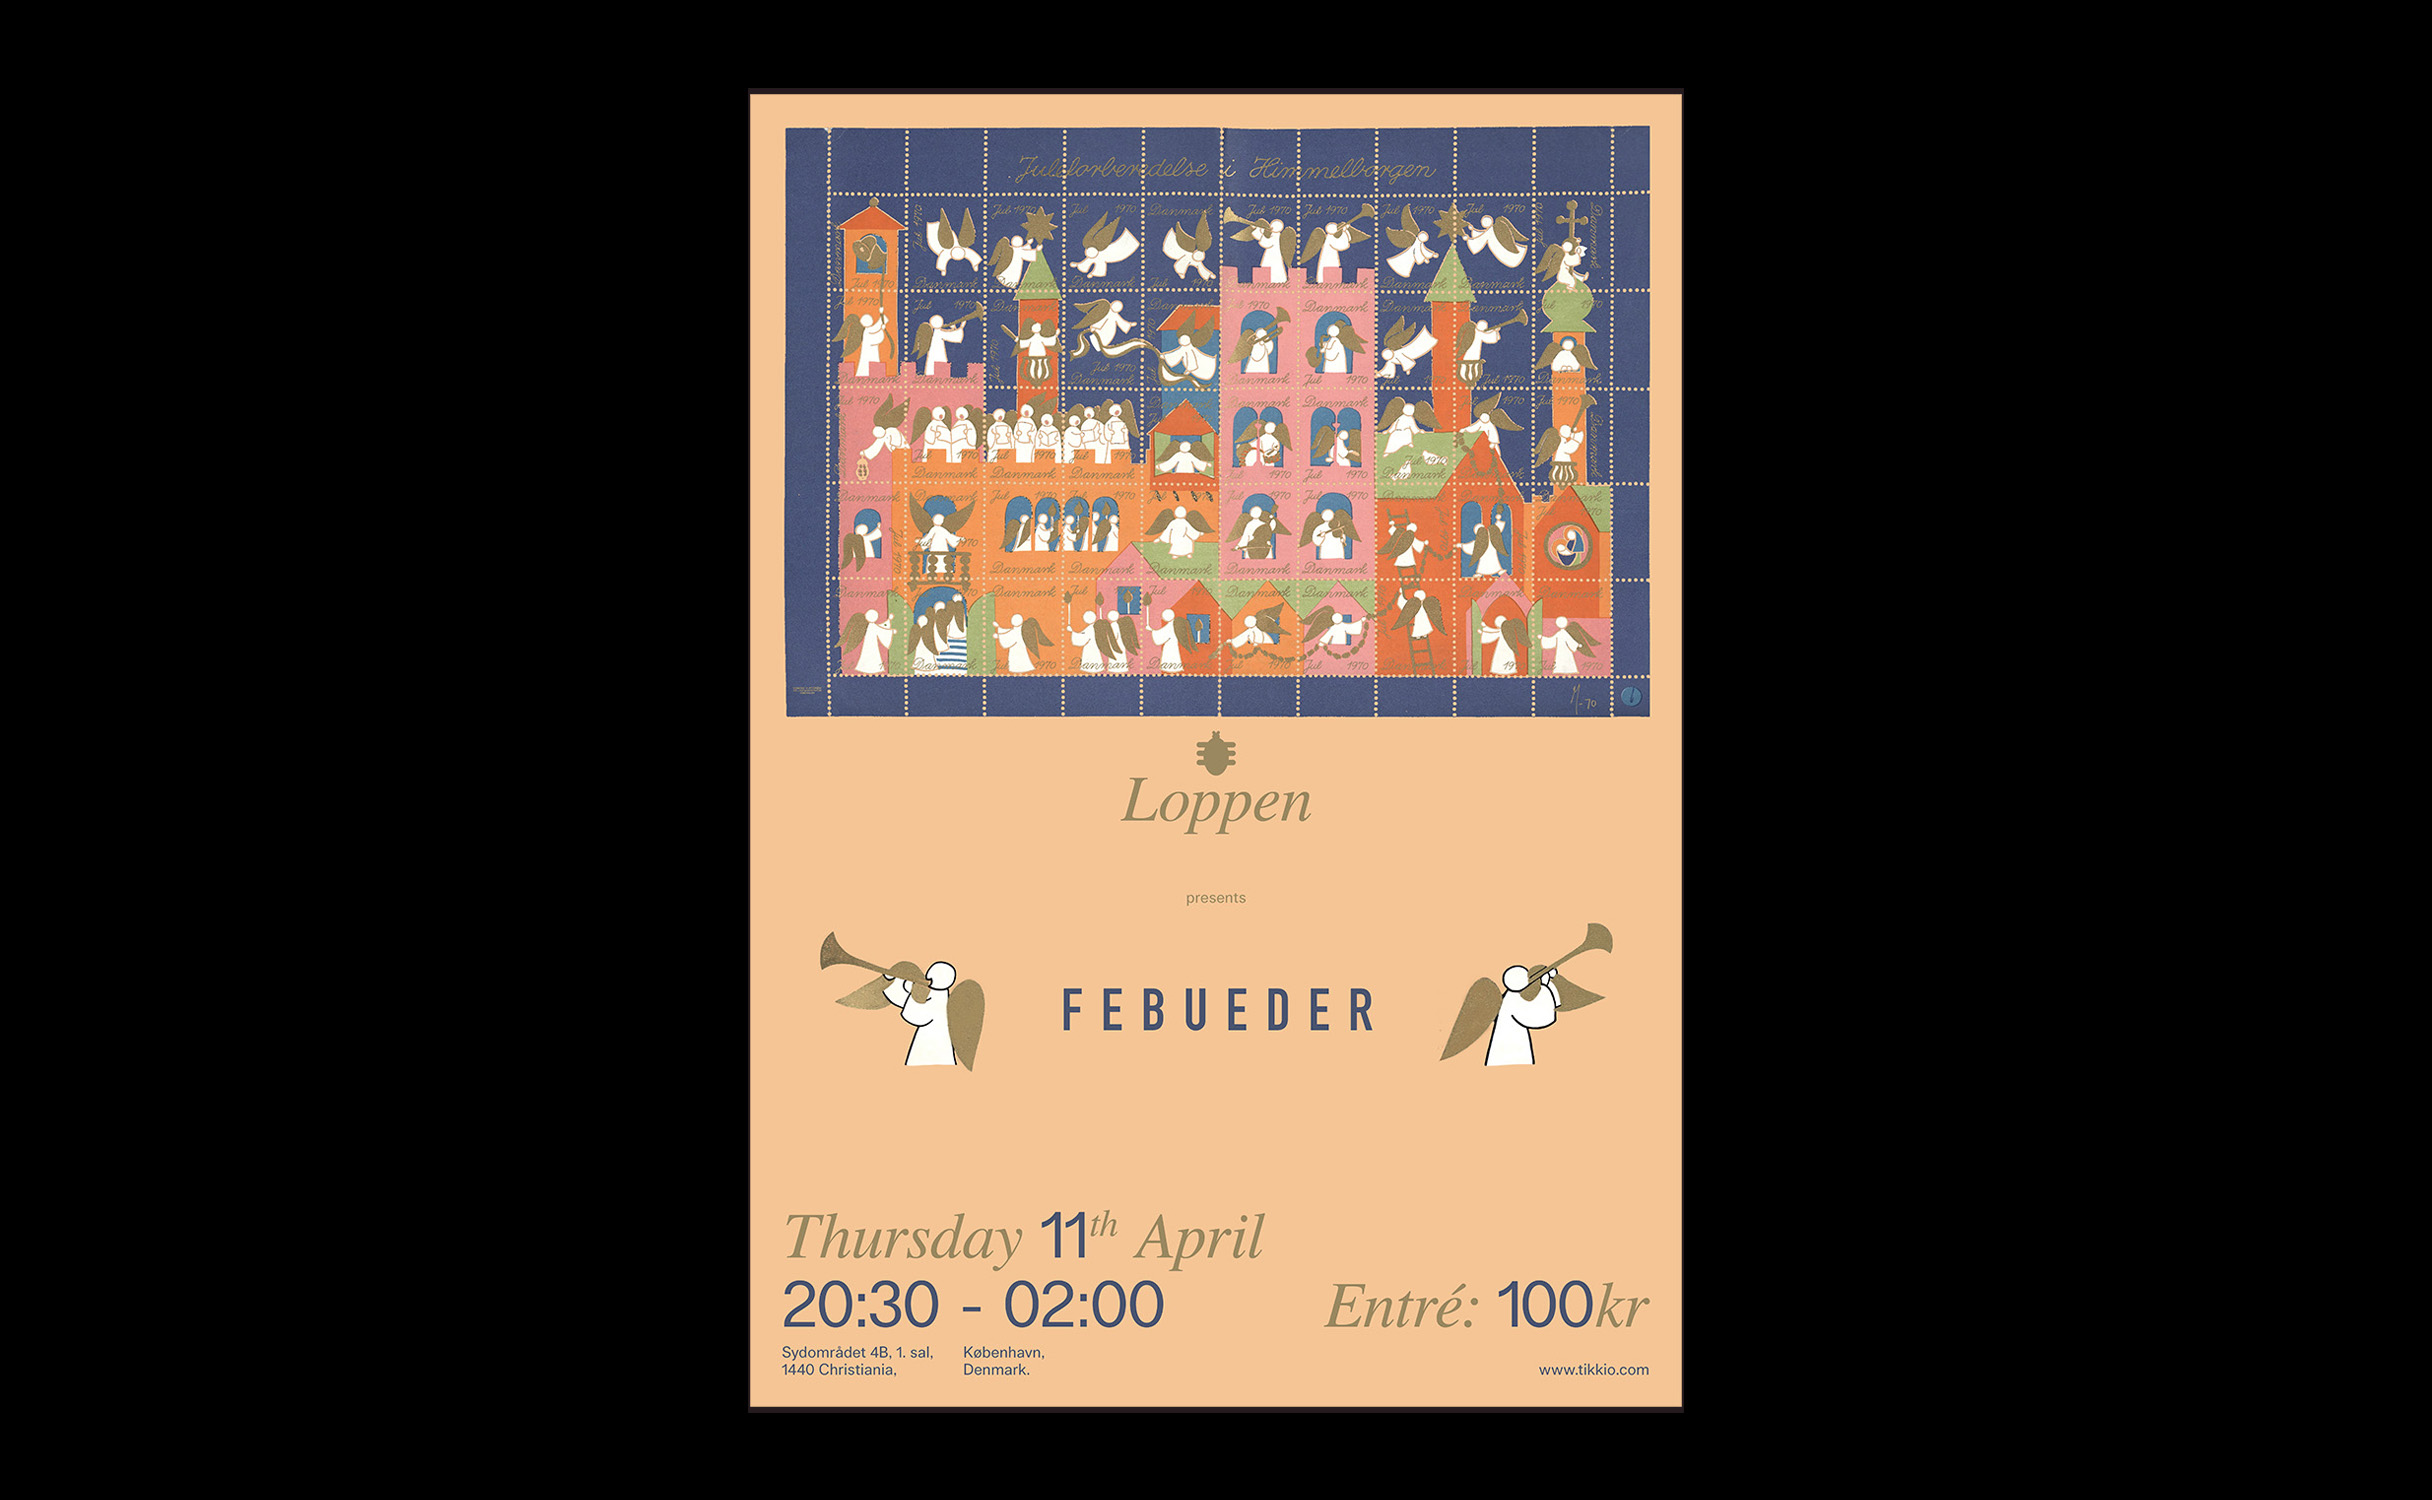 Febueder_Poster_website_6